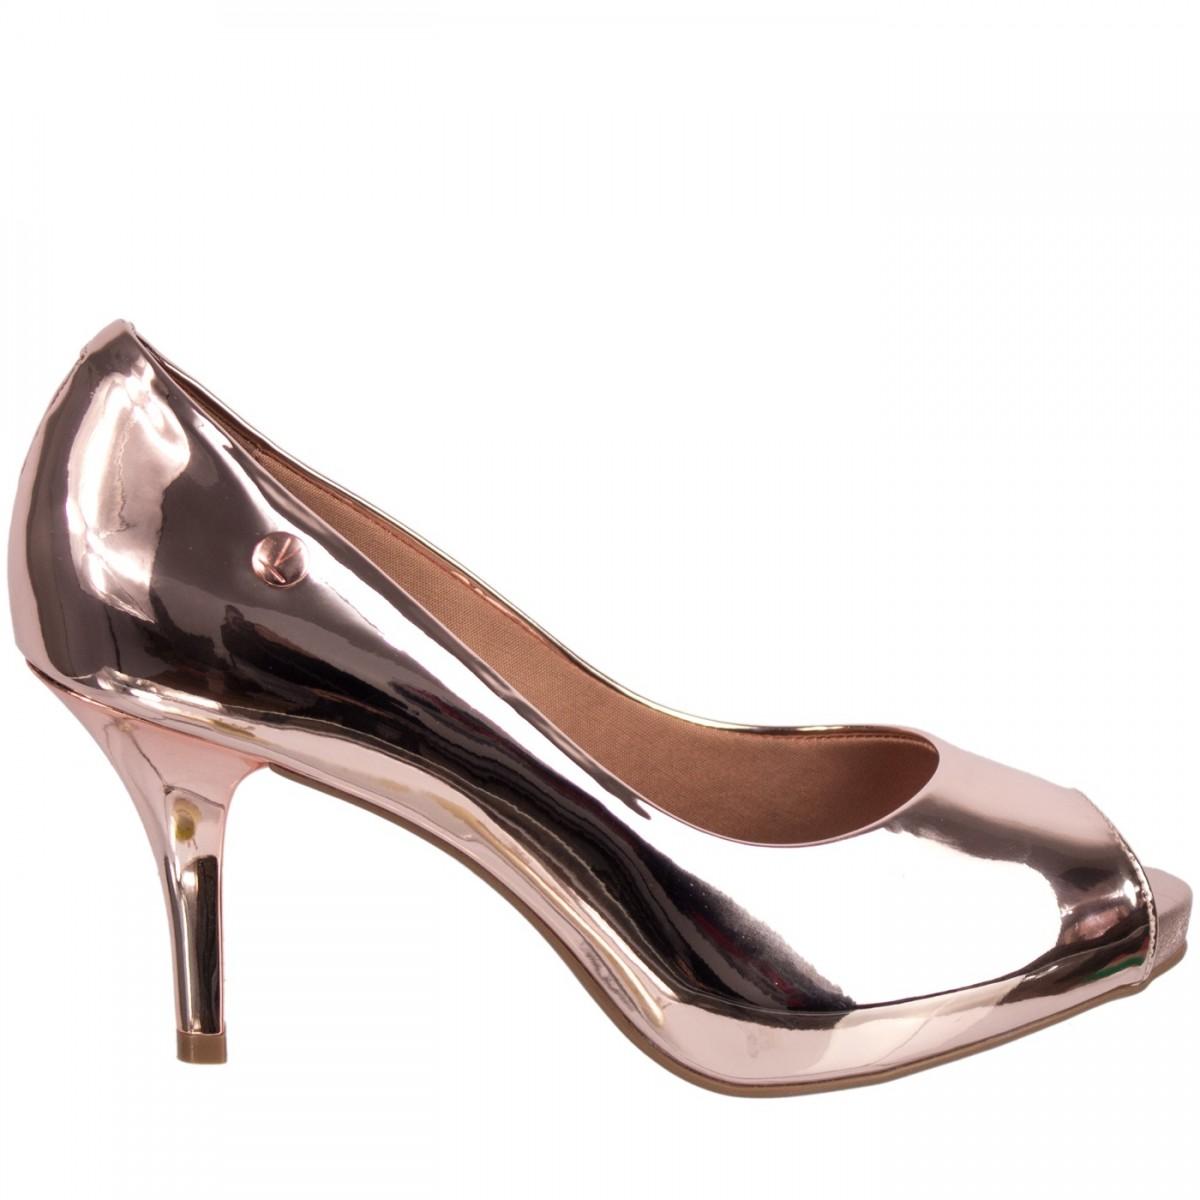 e1d76ed9e Bizz Store - Sapato Peep Toe Metalizado Vizzano Metal Glamour